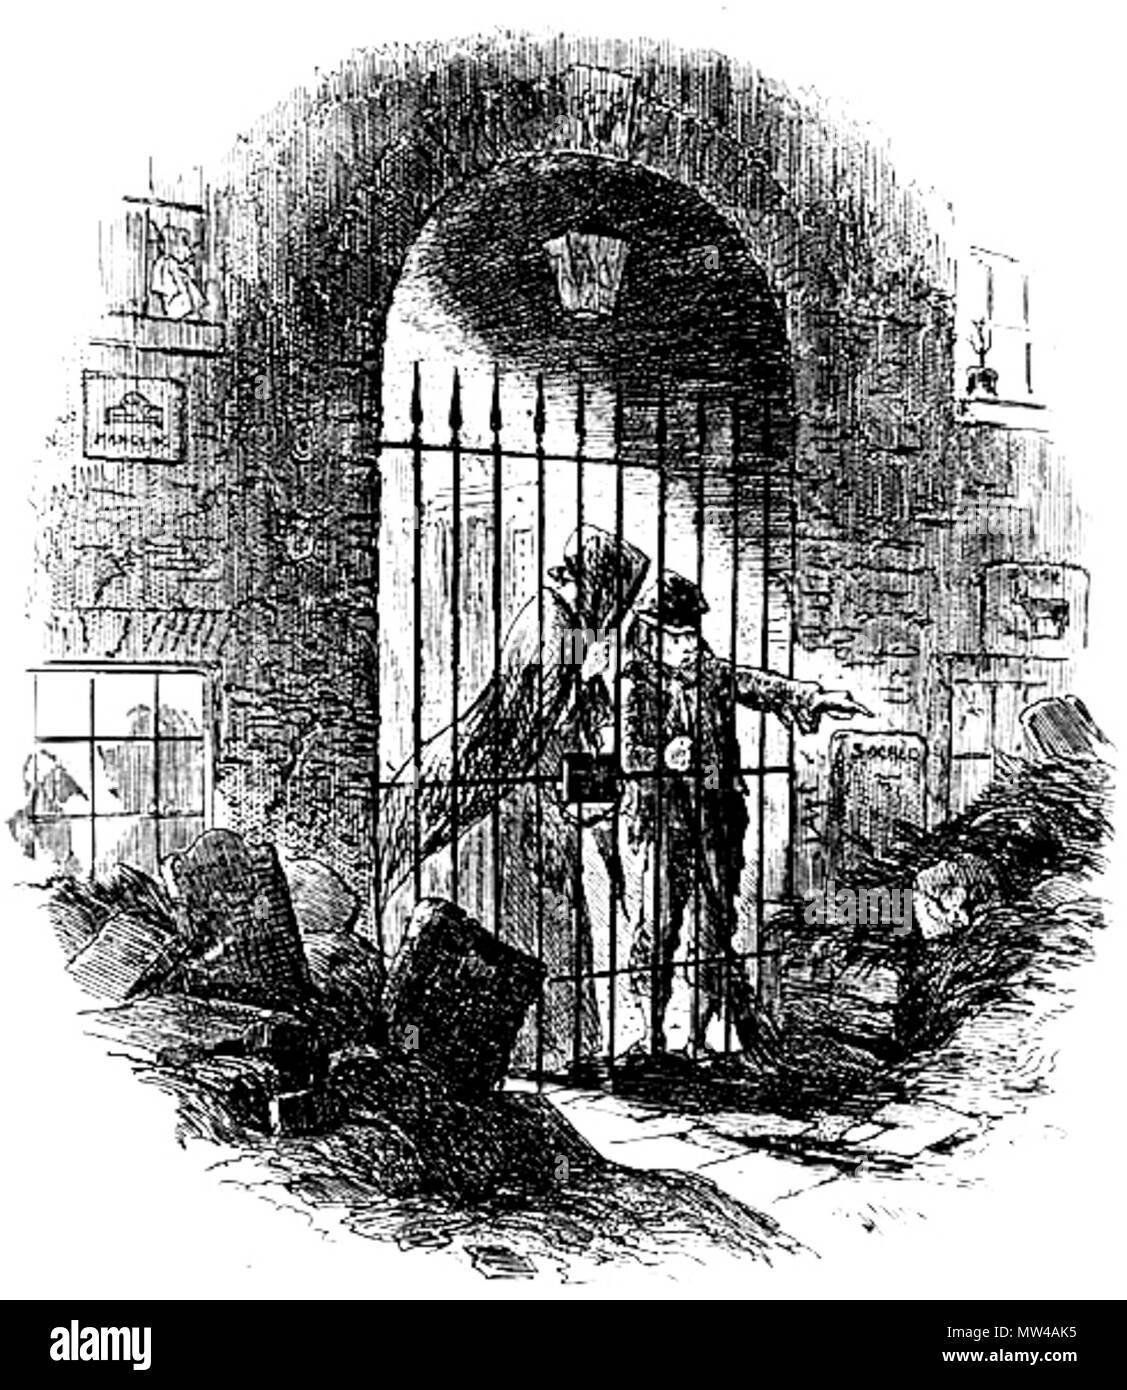 Englisch Geweihter Erde Phiz Hablot K Browne 1853 Radierung 4 1